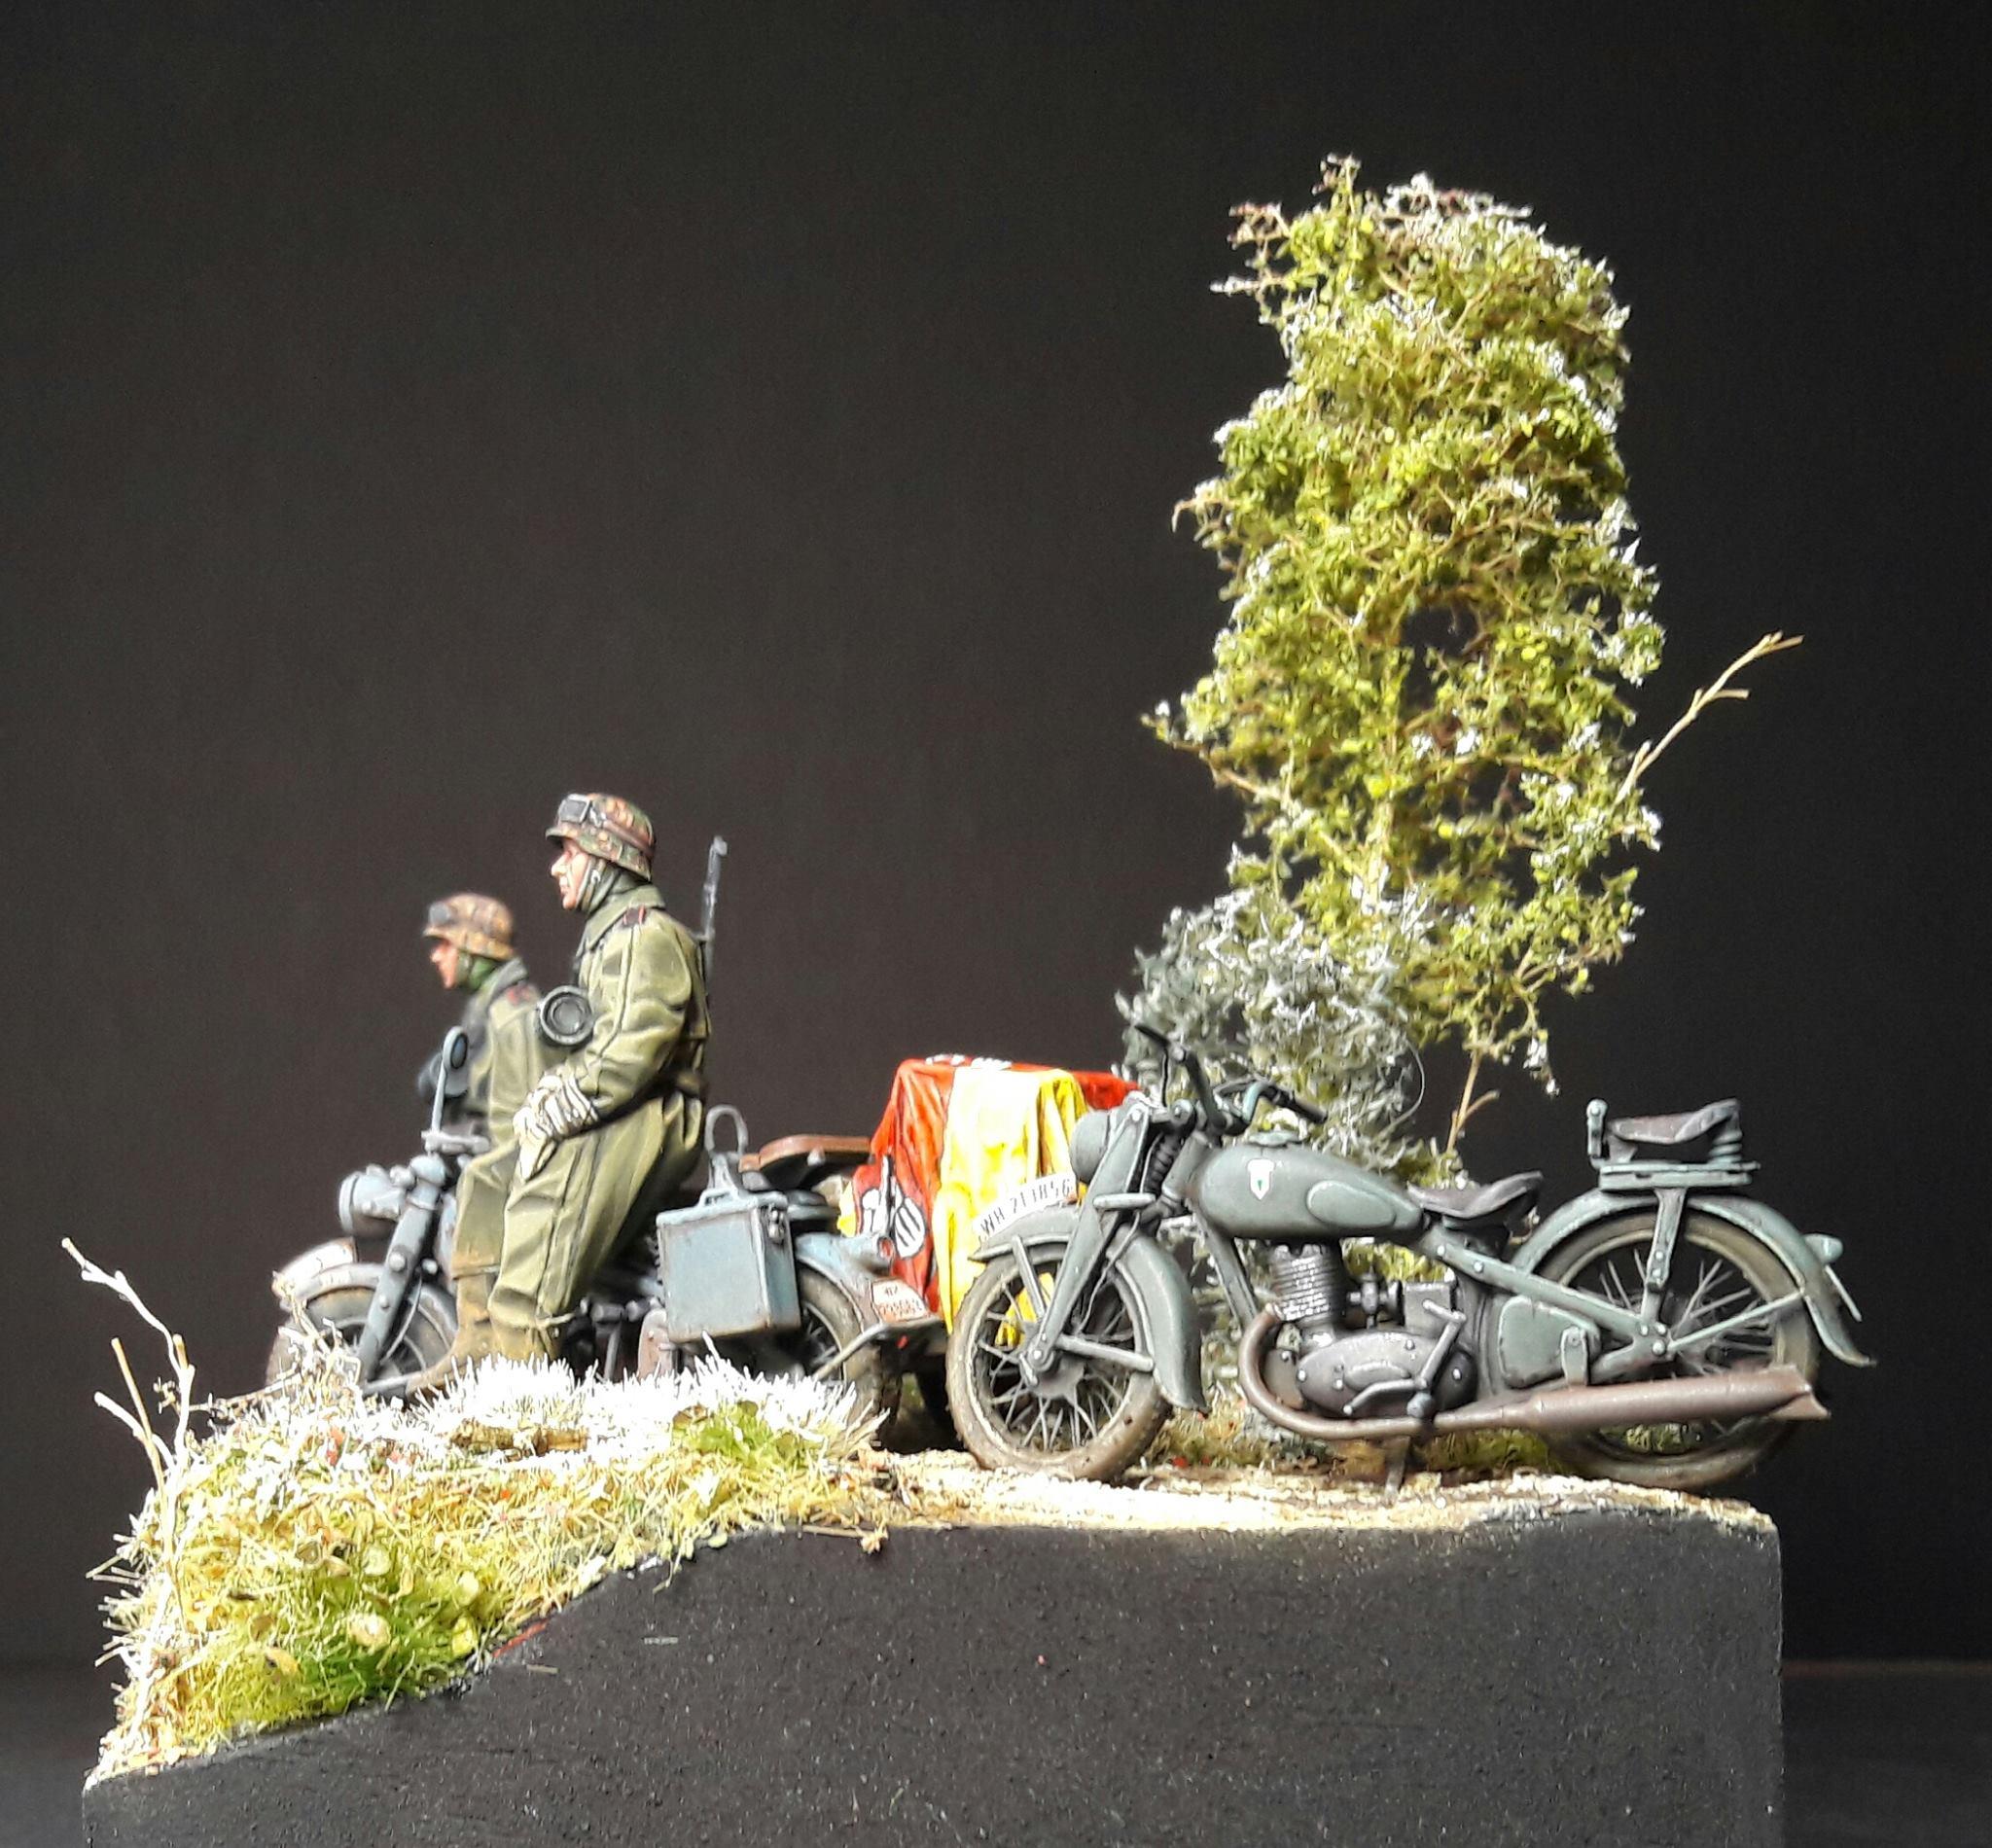 Zündapp KS750 - Sidecar - Great Wall Hobby + figurines Alpine - 1/35 - Page 5 48826320107667102118058500362361286940148o